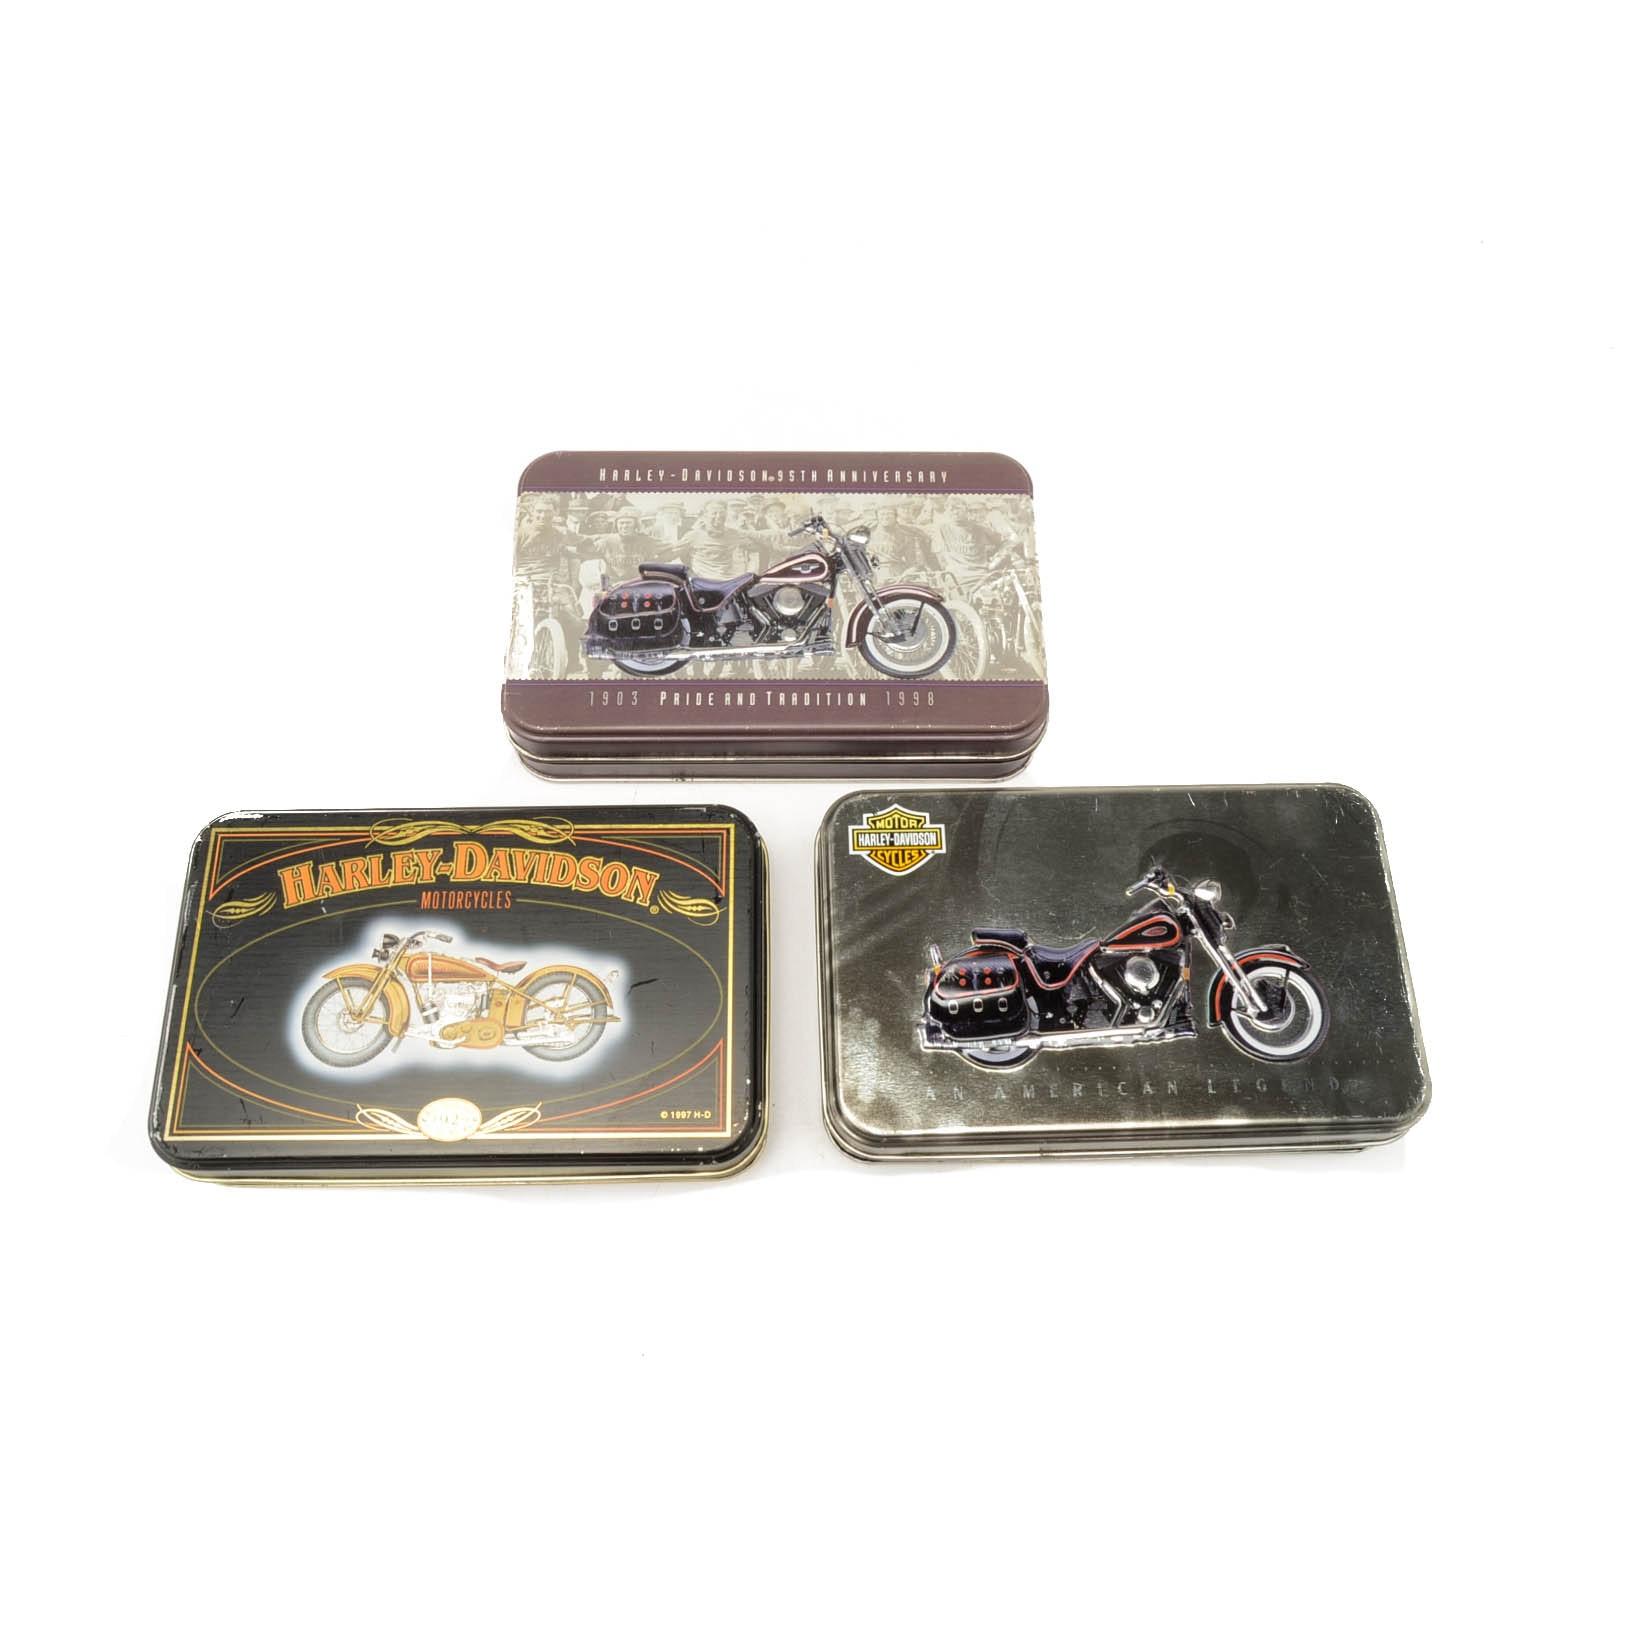 Six Harley Davidson Sealed Decks of Playing Cards In Metal Tins